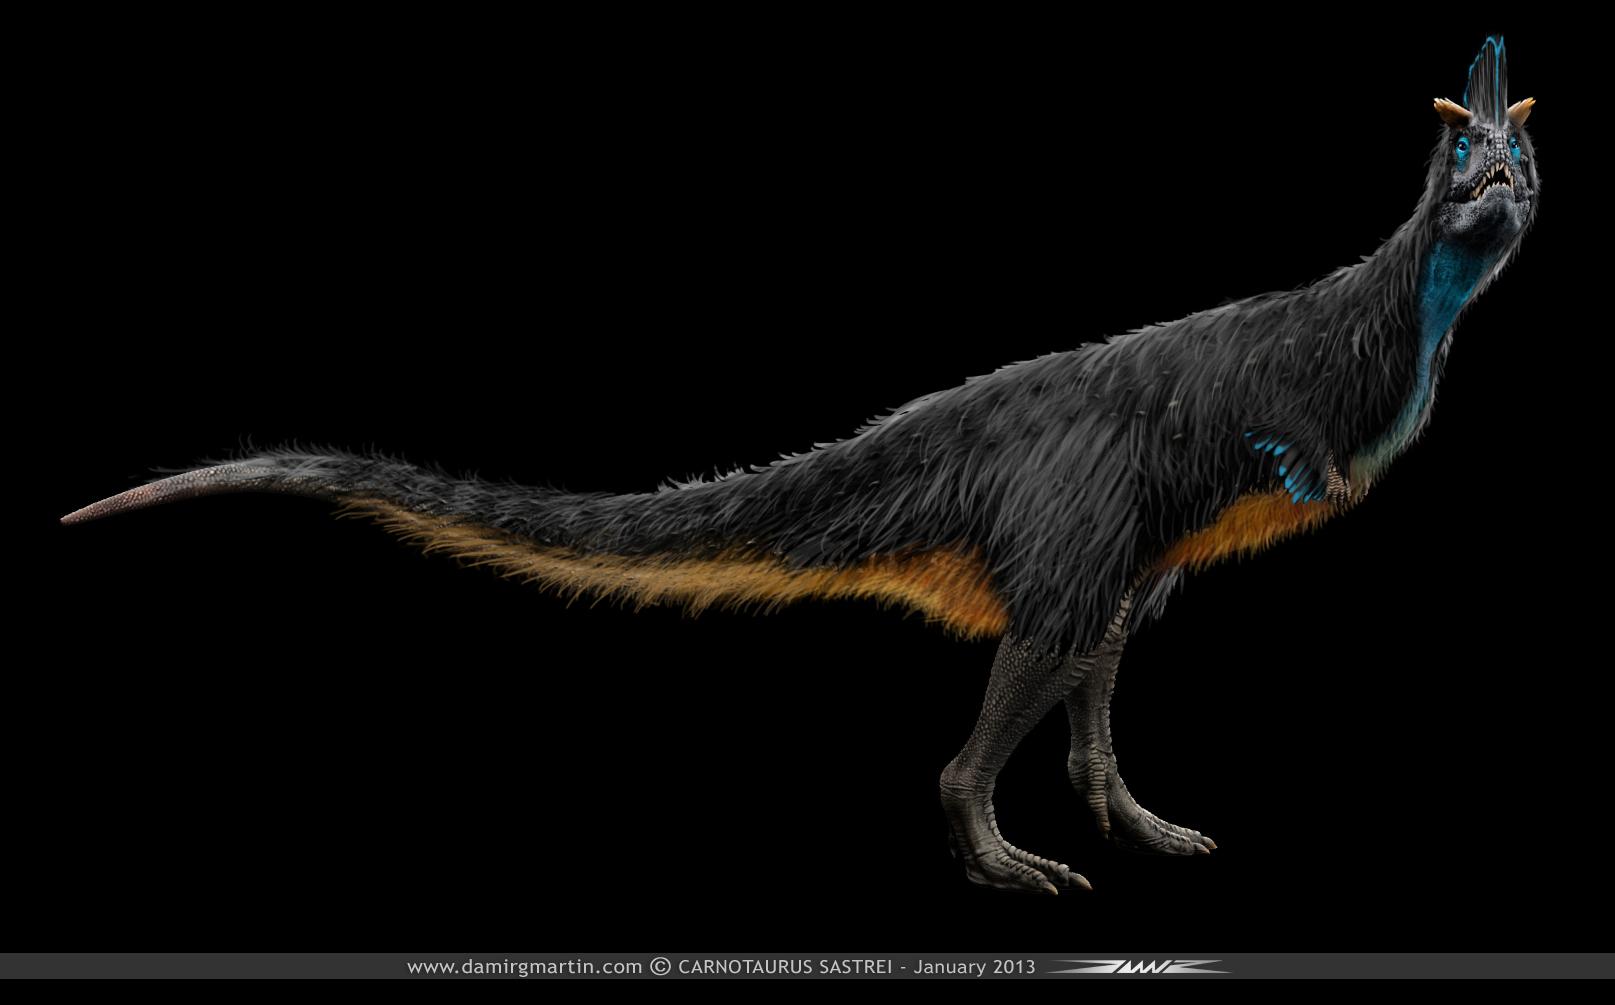 Carnotaurus Sastrei with feathers